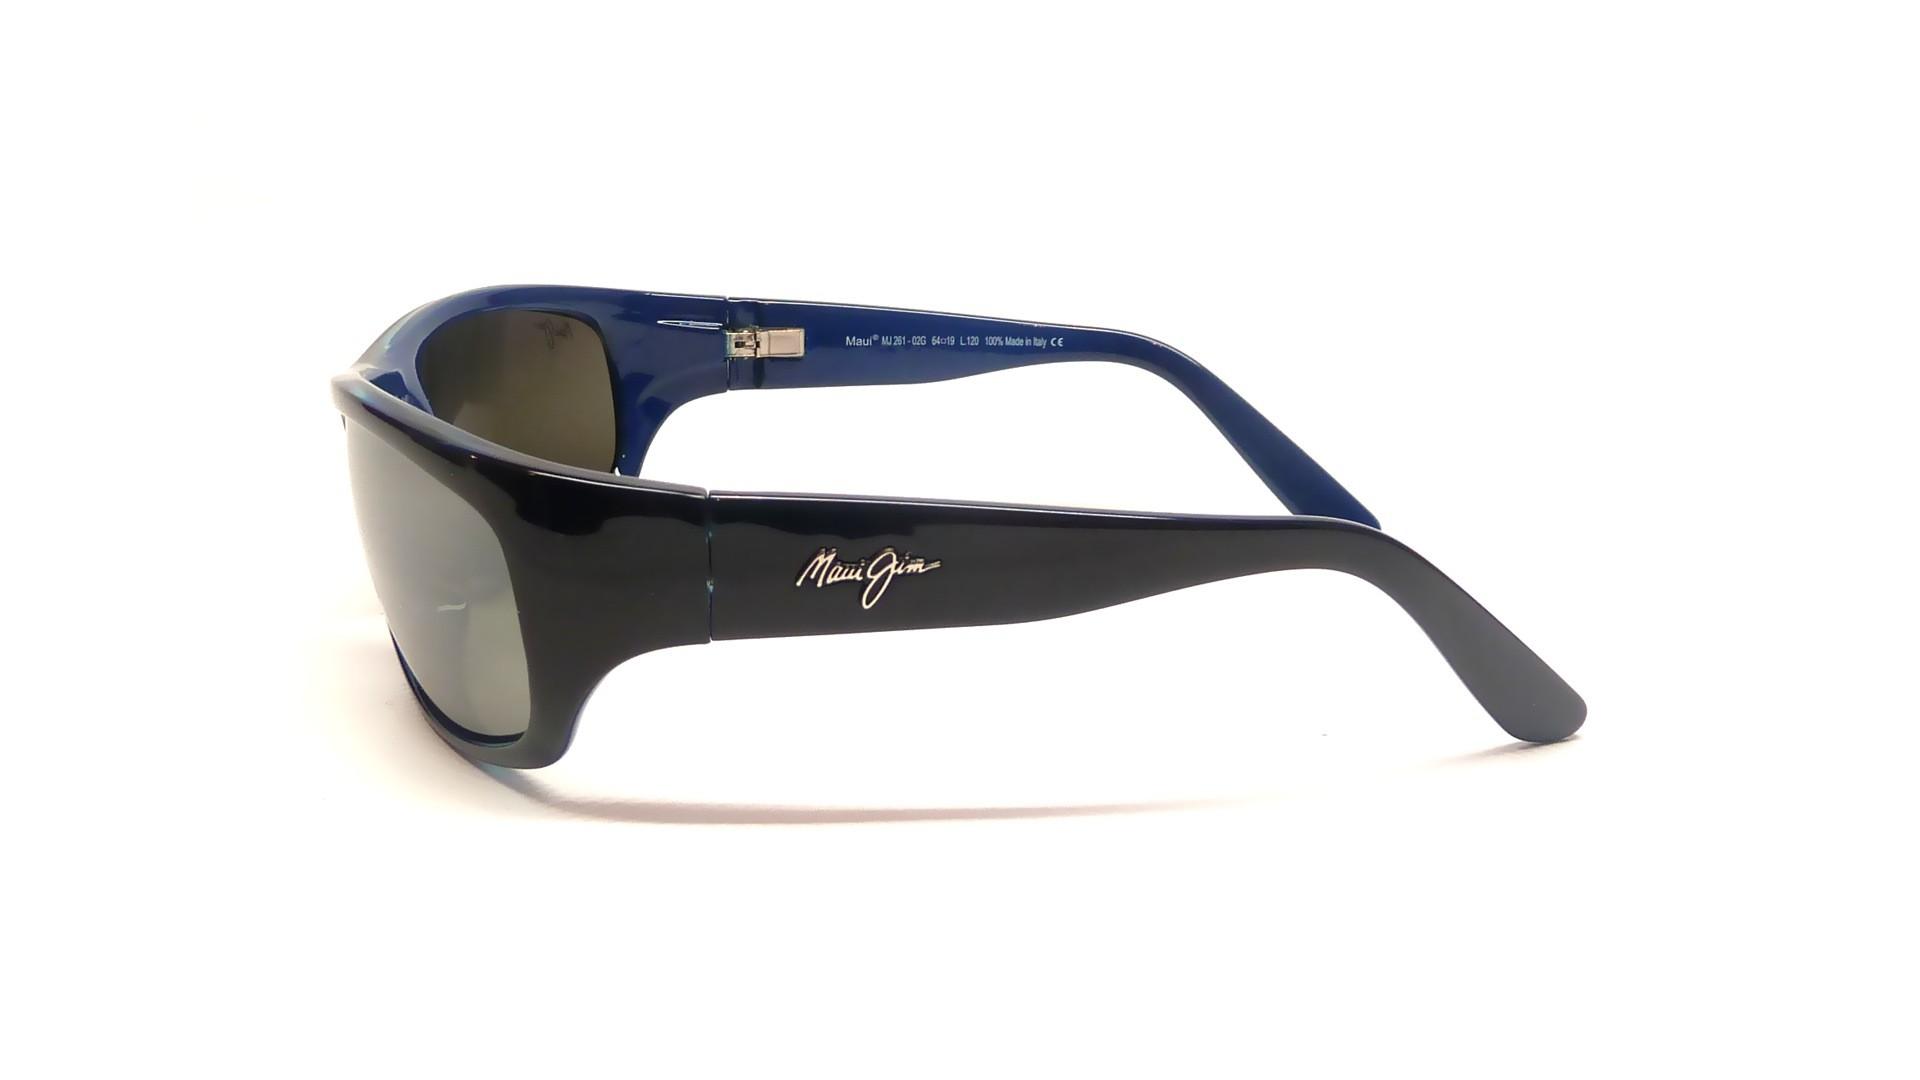 3a91aacb0ec ... Costa Del Mar sunglasses - YouTube. Compare Oakley Maui Jim Sunglasses  « Heritage Malta